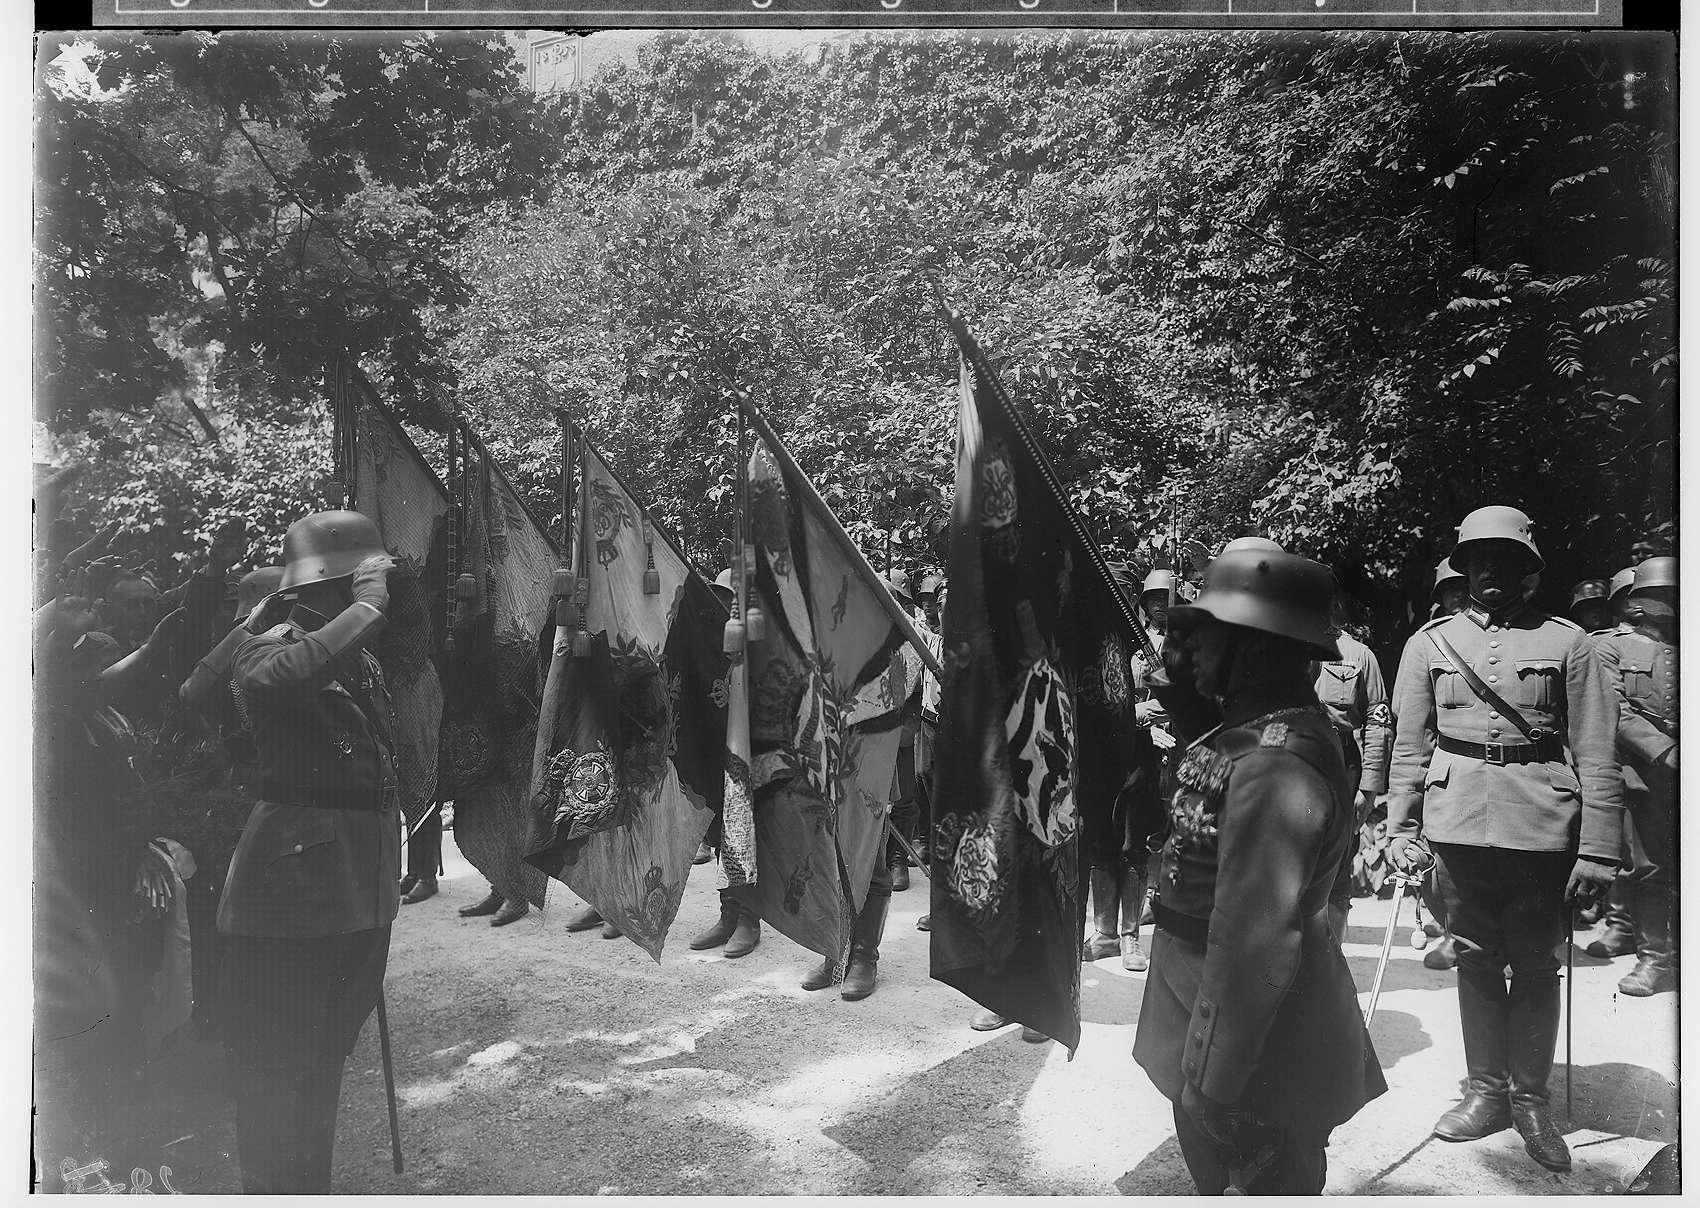 Füsilier-Regiment 40 - Appell im Prinzengarten; Meldung vor fünf Fahnenträgern durch den Bataillonskommandeur II des Infanterieregiments 14, Oberstleutnant Erich Tschunke, an Fürst Friedrich von Hohenzollern, Bild 1